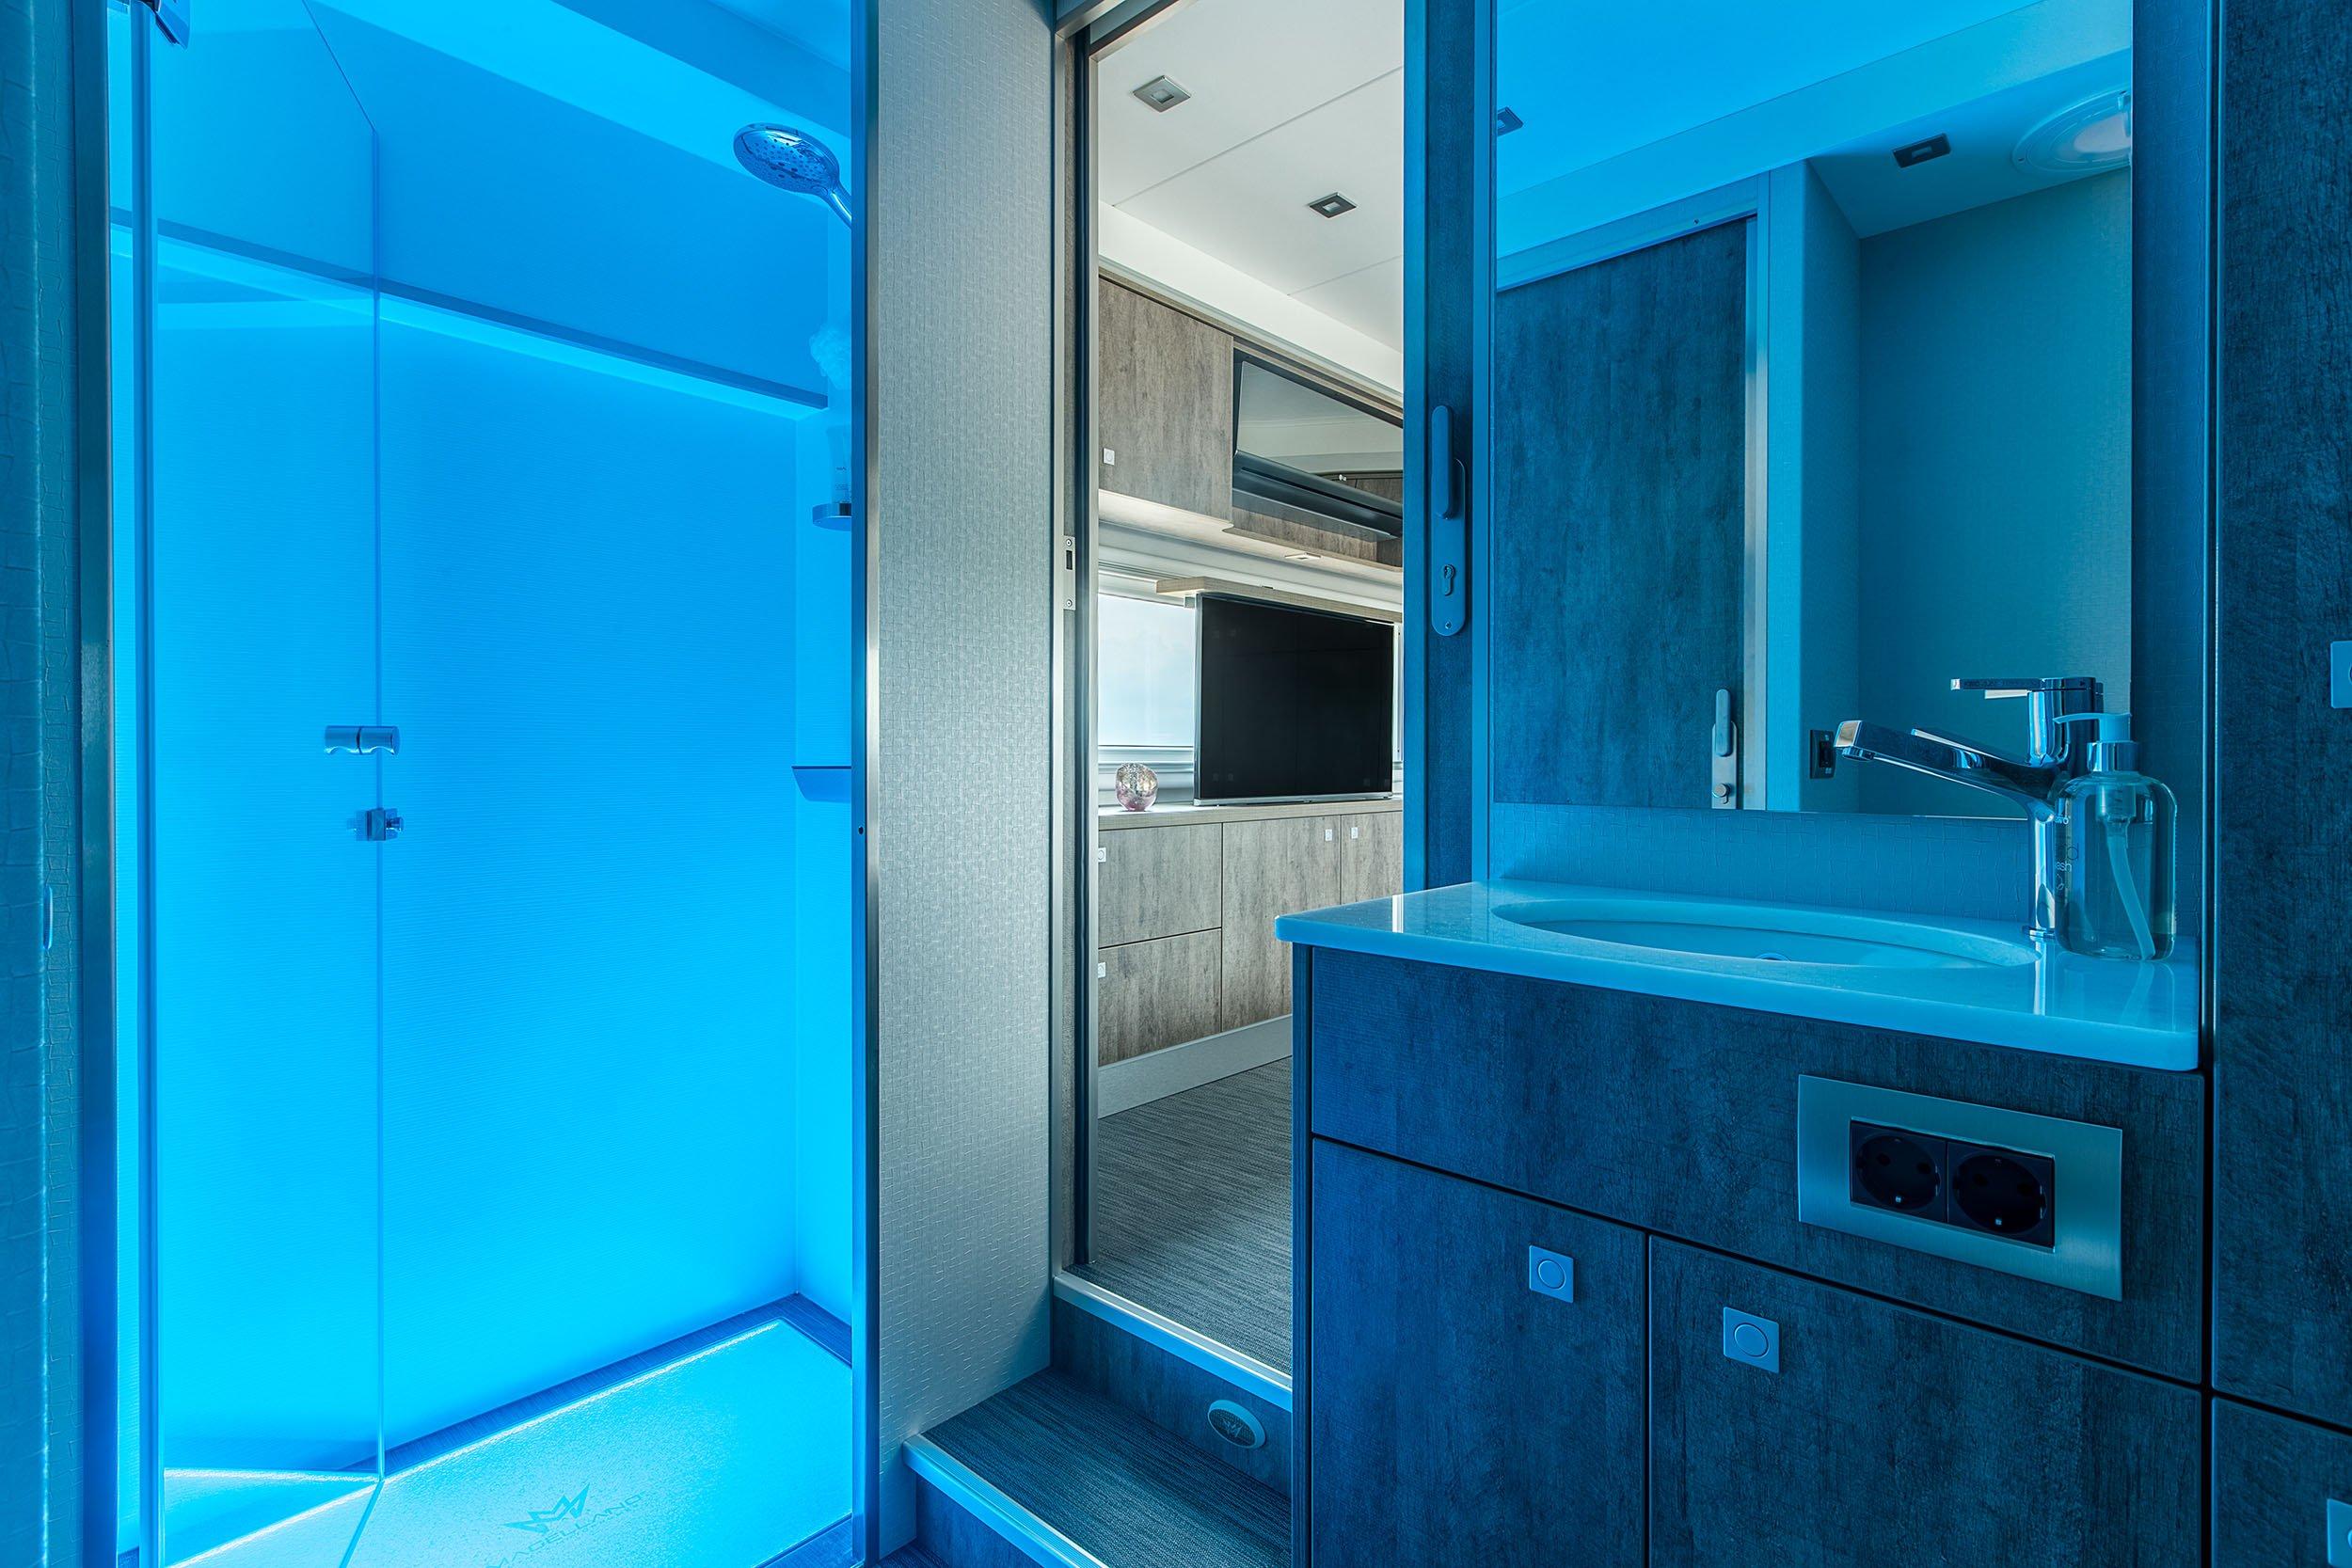 Blick aus dem Bad des Magellano: Nachts dürfen sich die Bewohner über angenehme Lichteffekte freuen.